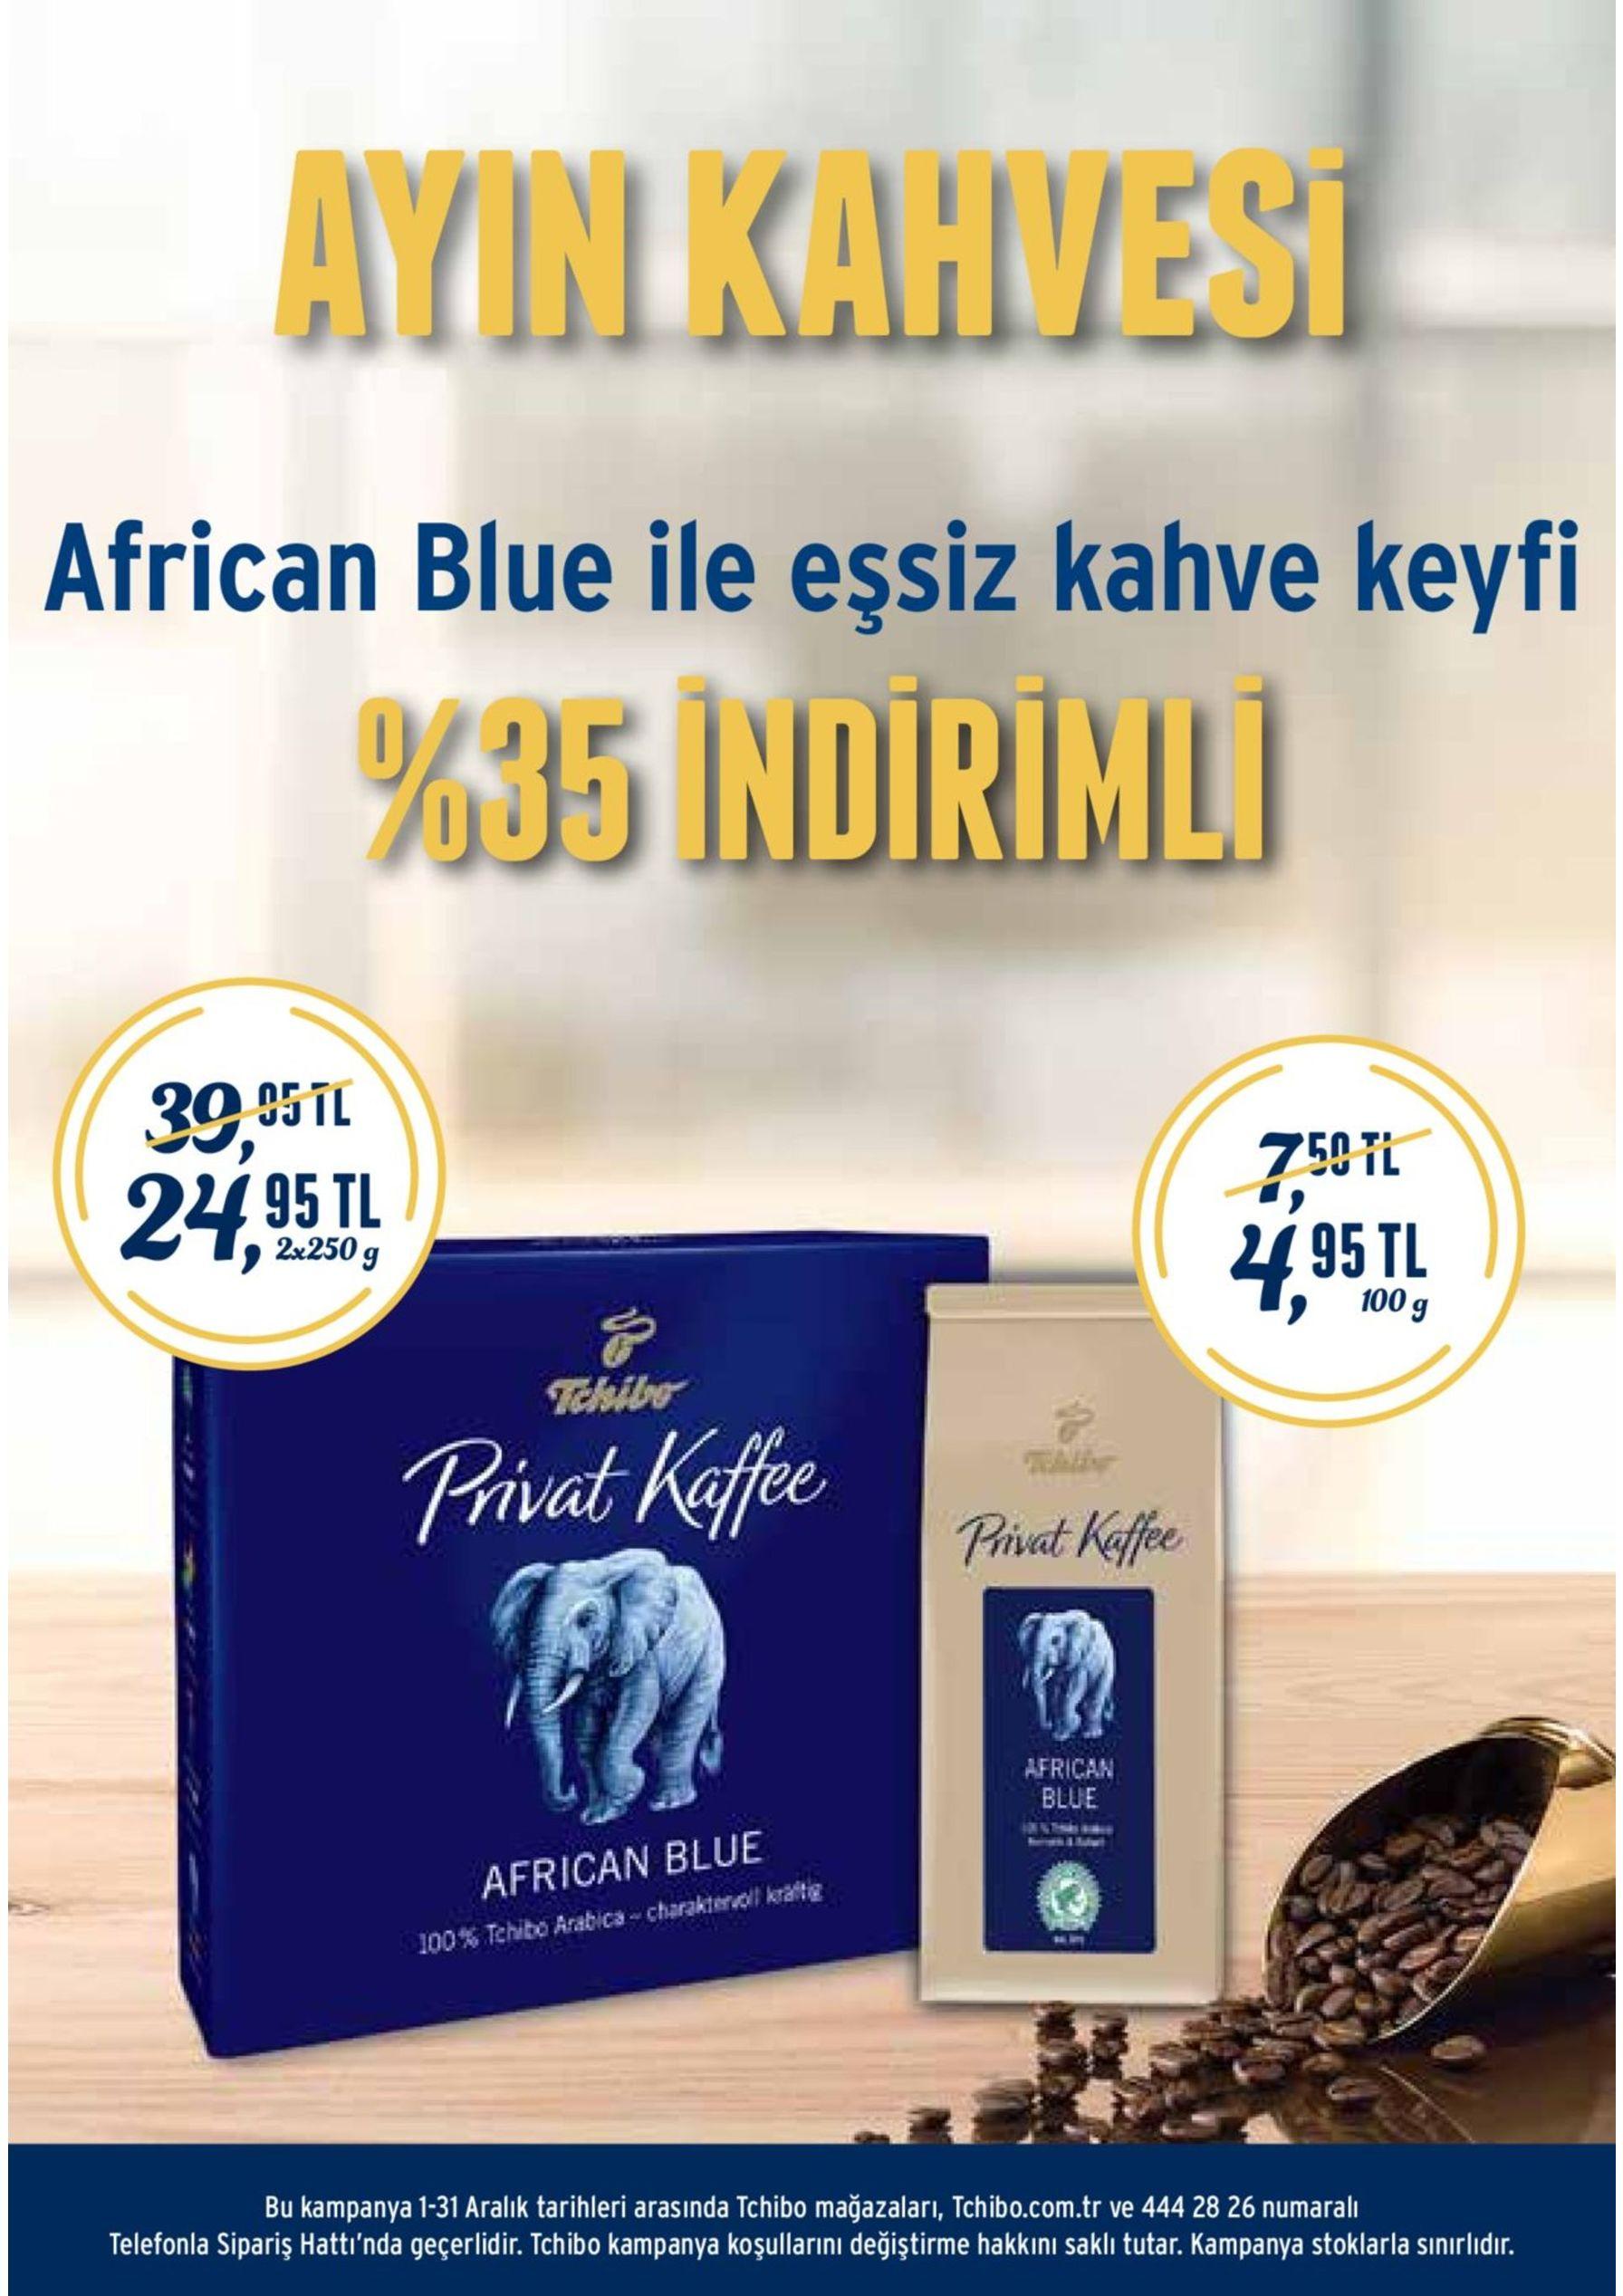 ayınkahvesi african blue ile eşsiz kahve keyfi %35indirimli 39,95tl 50tl 24, 92x250g 7,95tl 4, 100g tchibo kampanya koşullarını değiştirme hakkını saklı tutar. kampanya stoklarla sınırlıdır.chibo mağazaları, tchibo.com.tr ve 444 28 26 numaralı